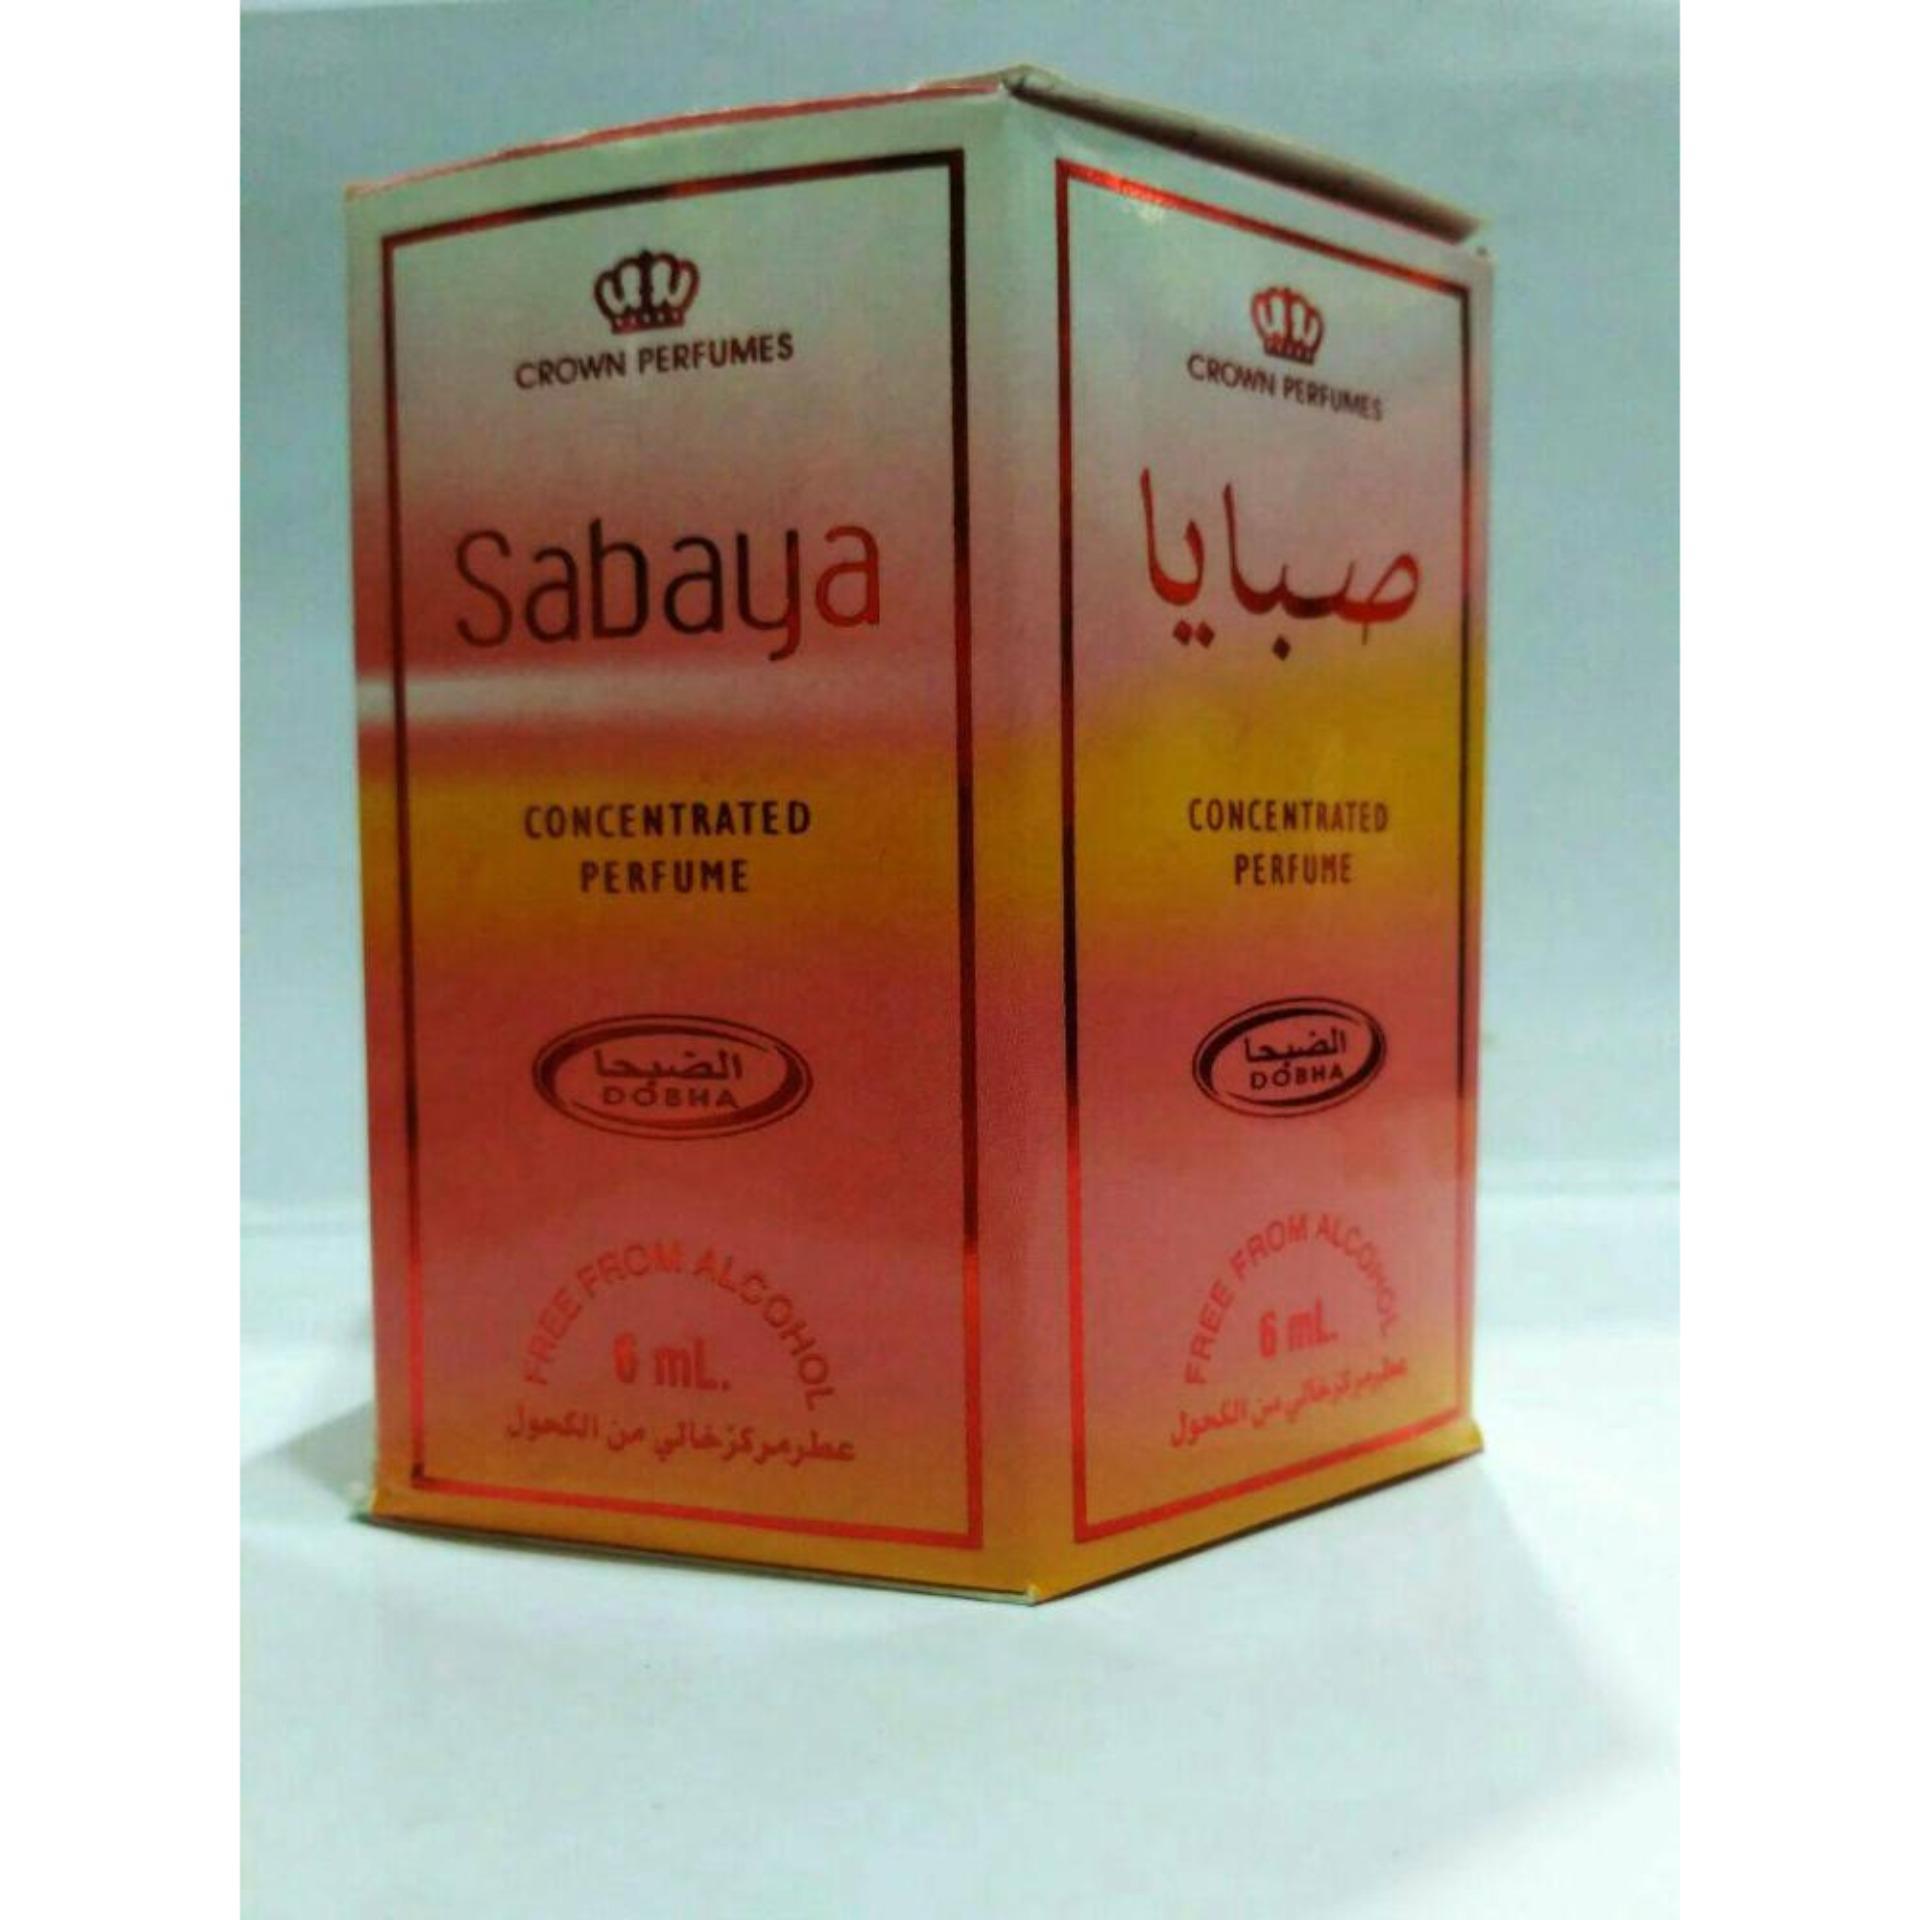 Daftar Harga Parfum Dobha Sabaya 6ml Non Alkohol Untuk 10 Pcs